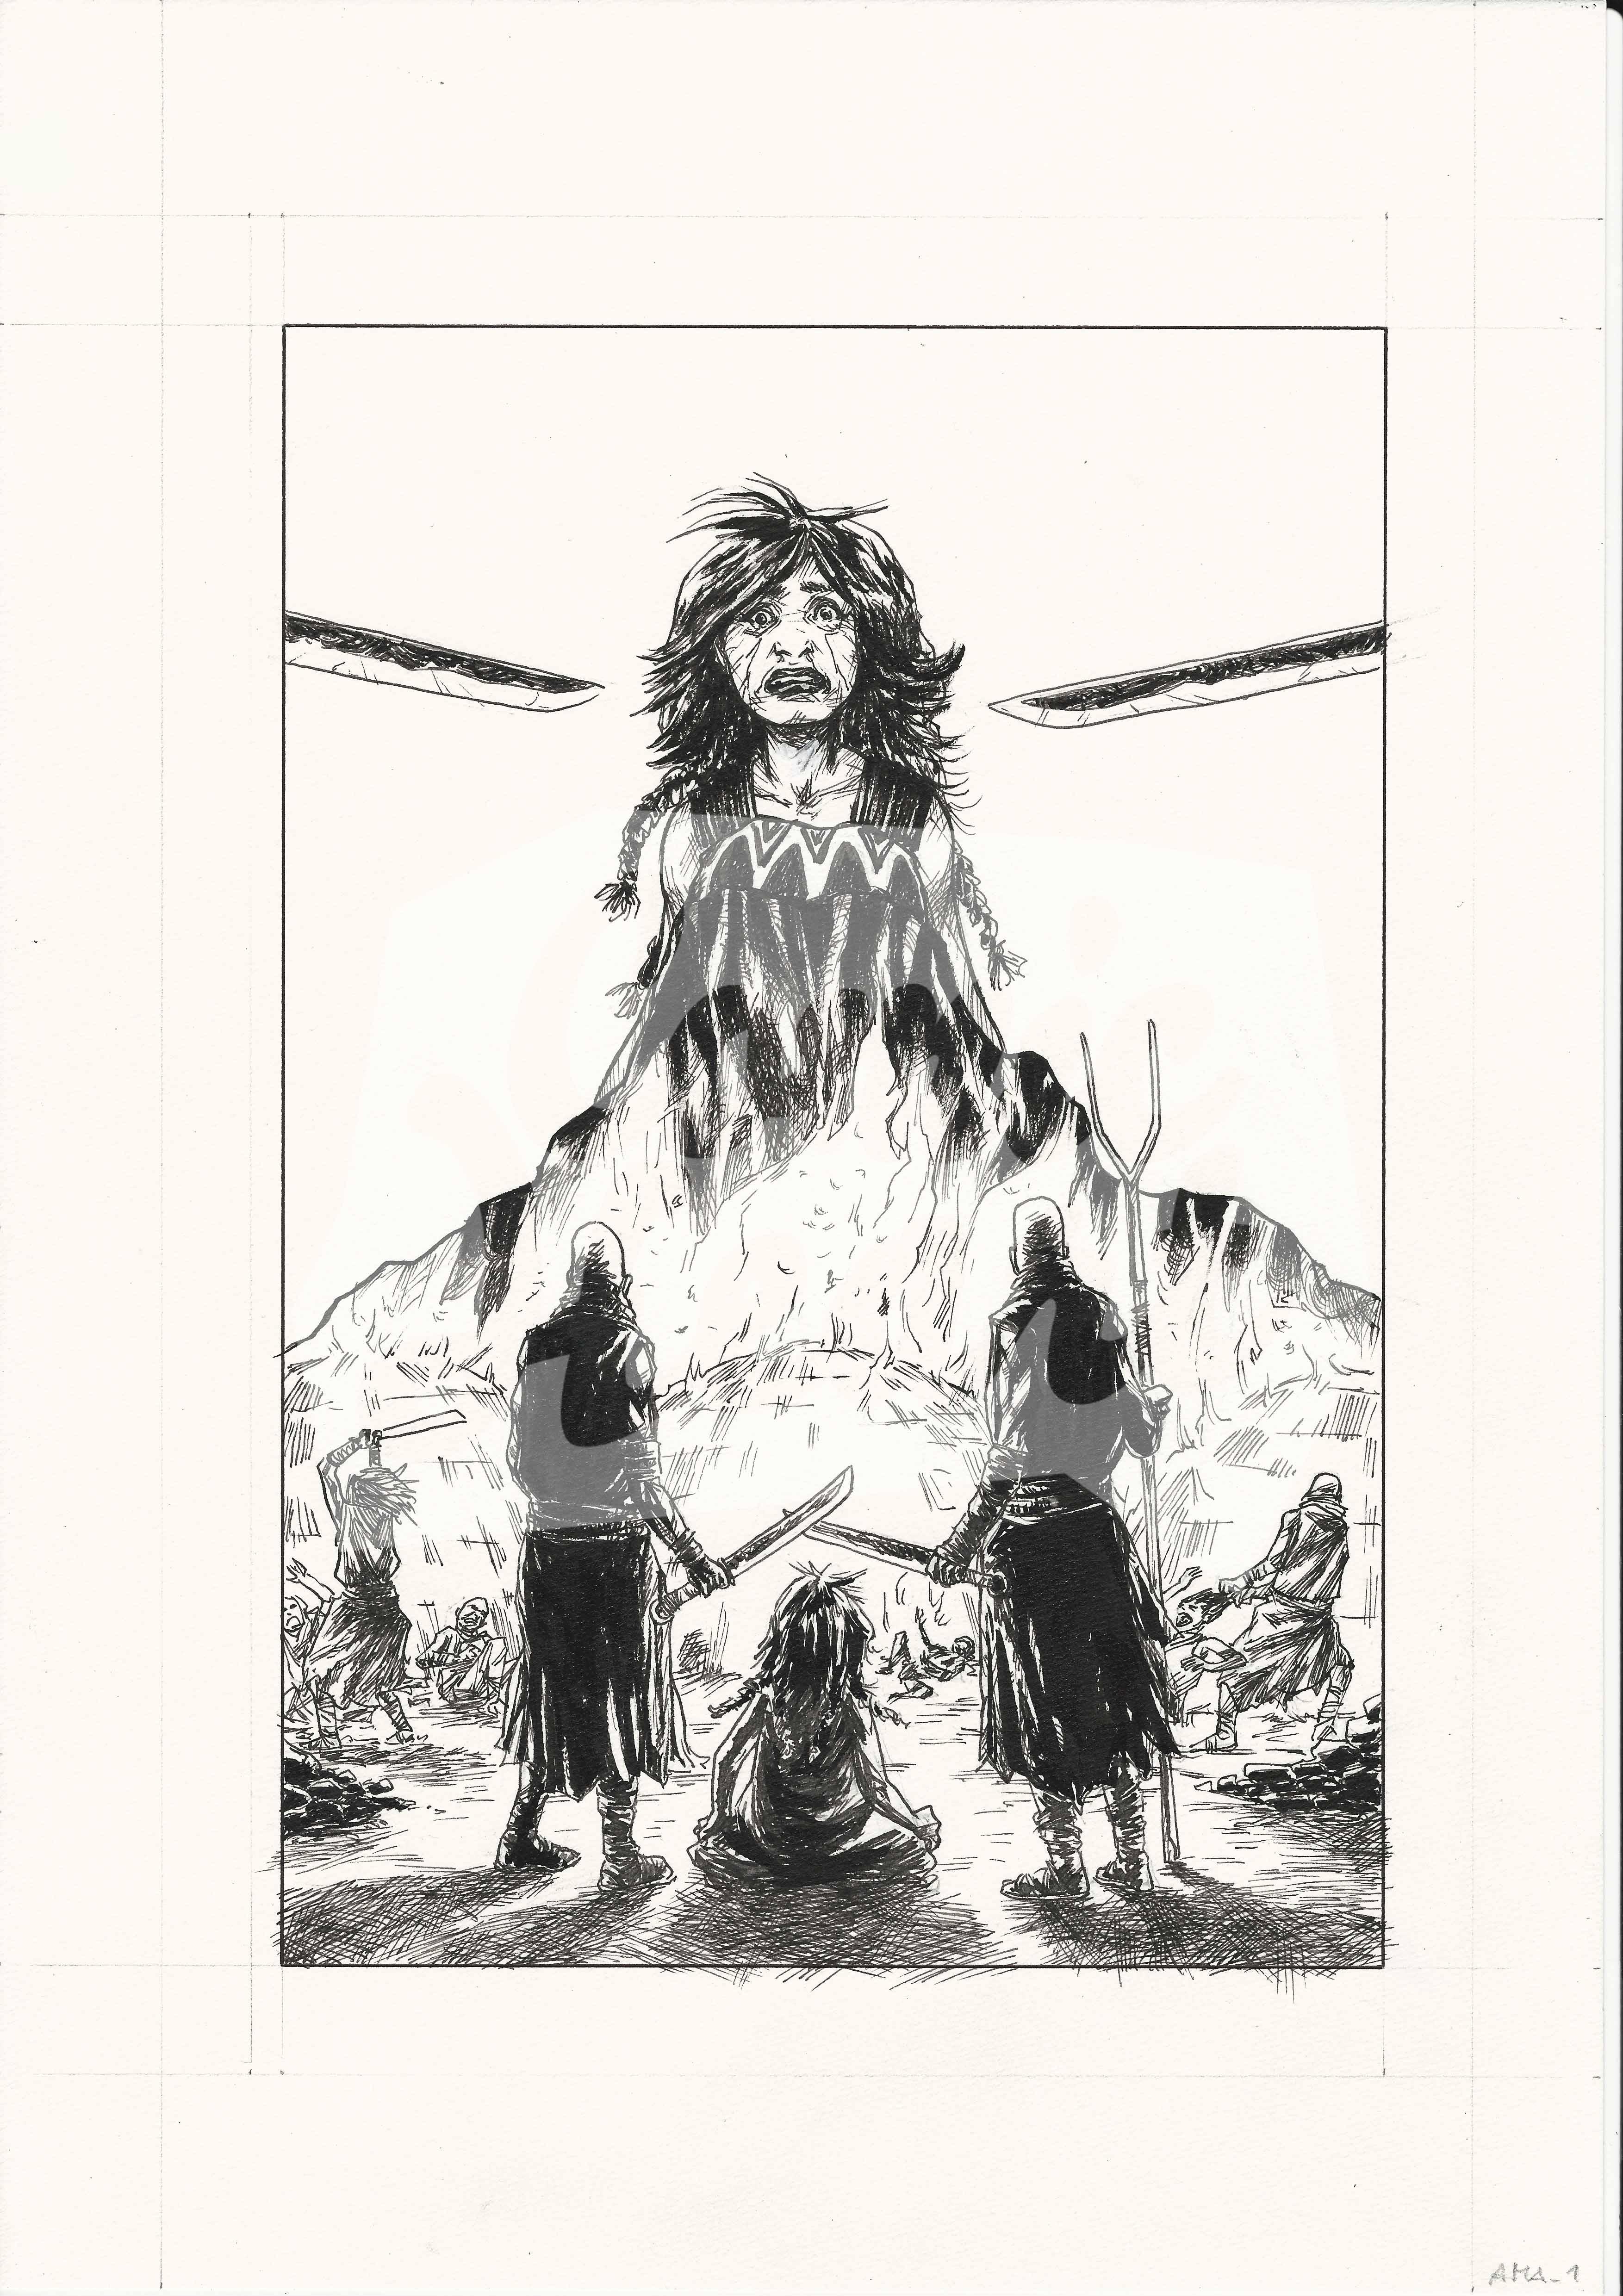 Amazzoni - Storie de la Progenitrice (Page 1)